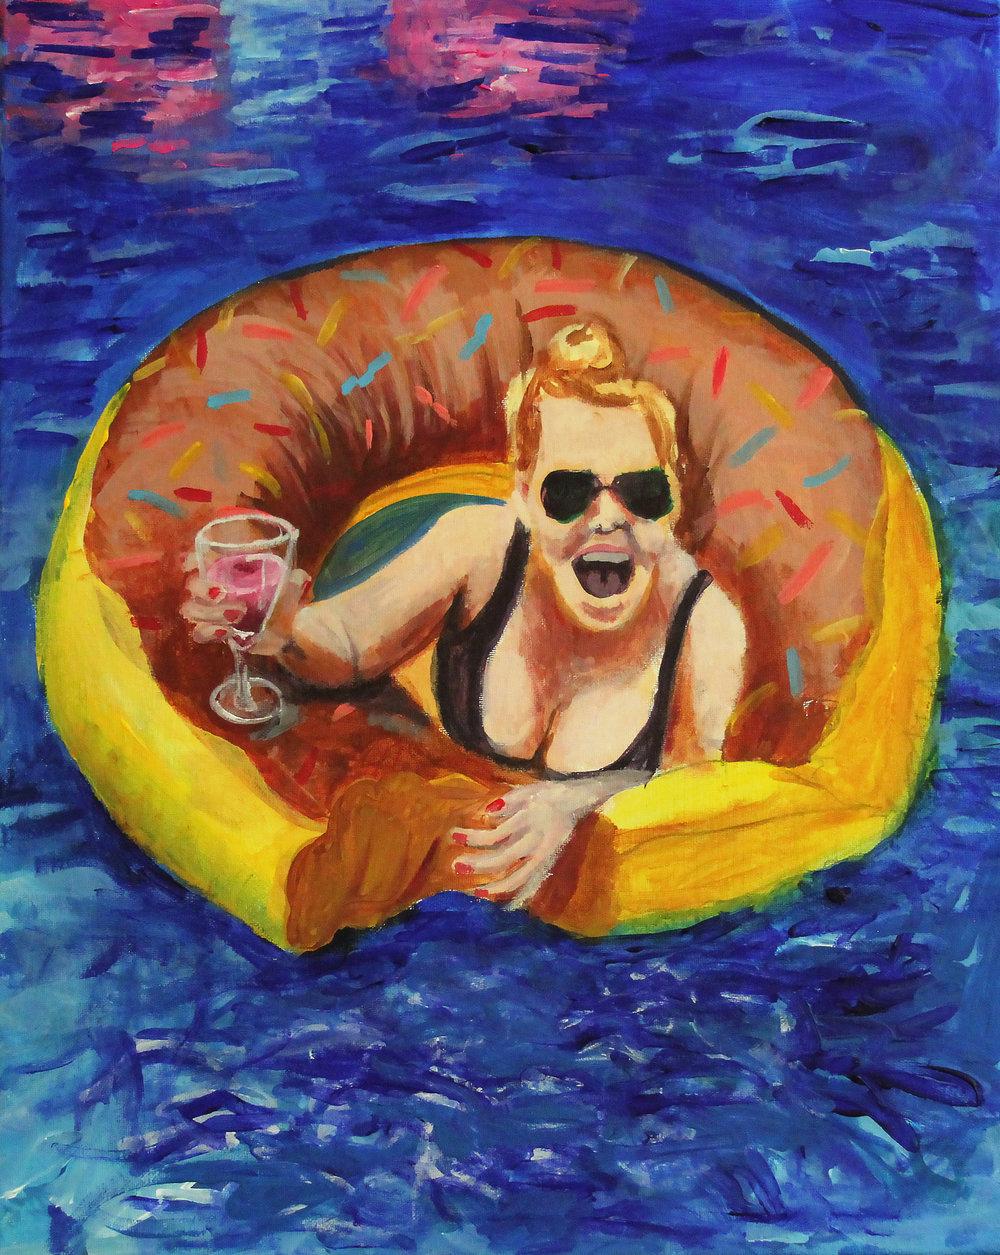 Donut_Tube_vacay_v004.jpg